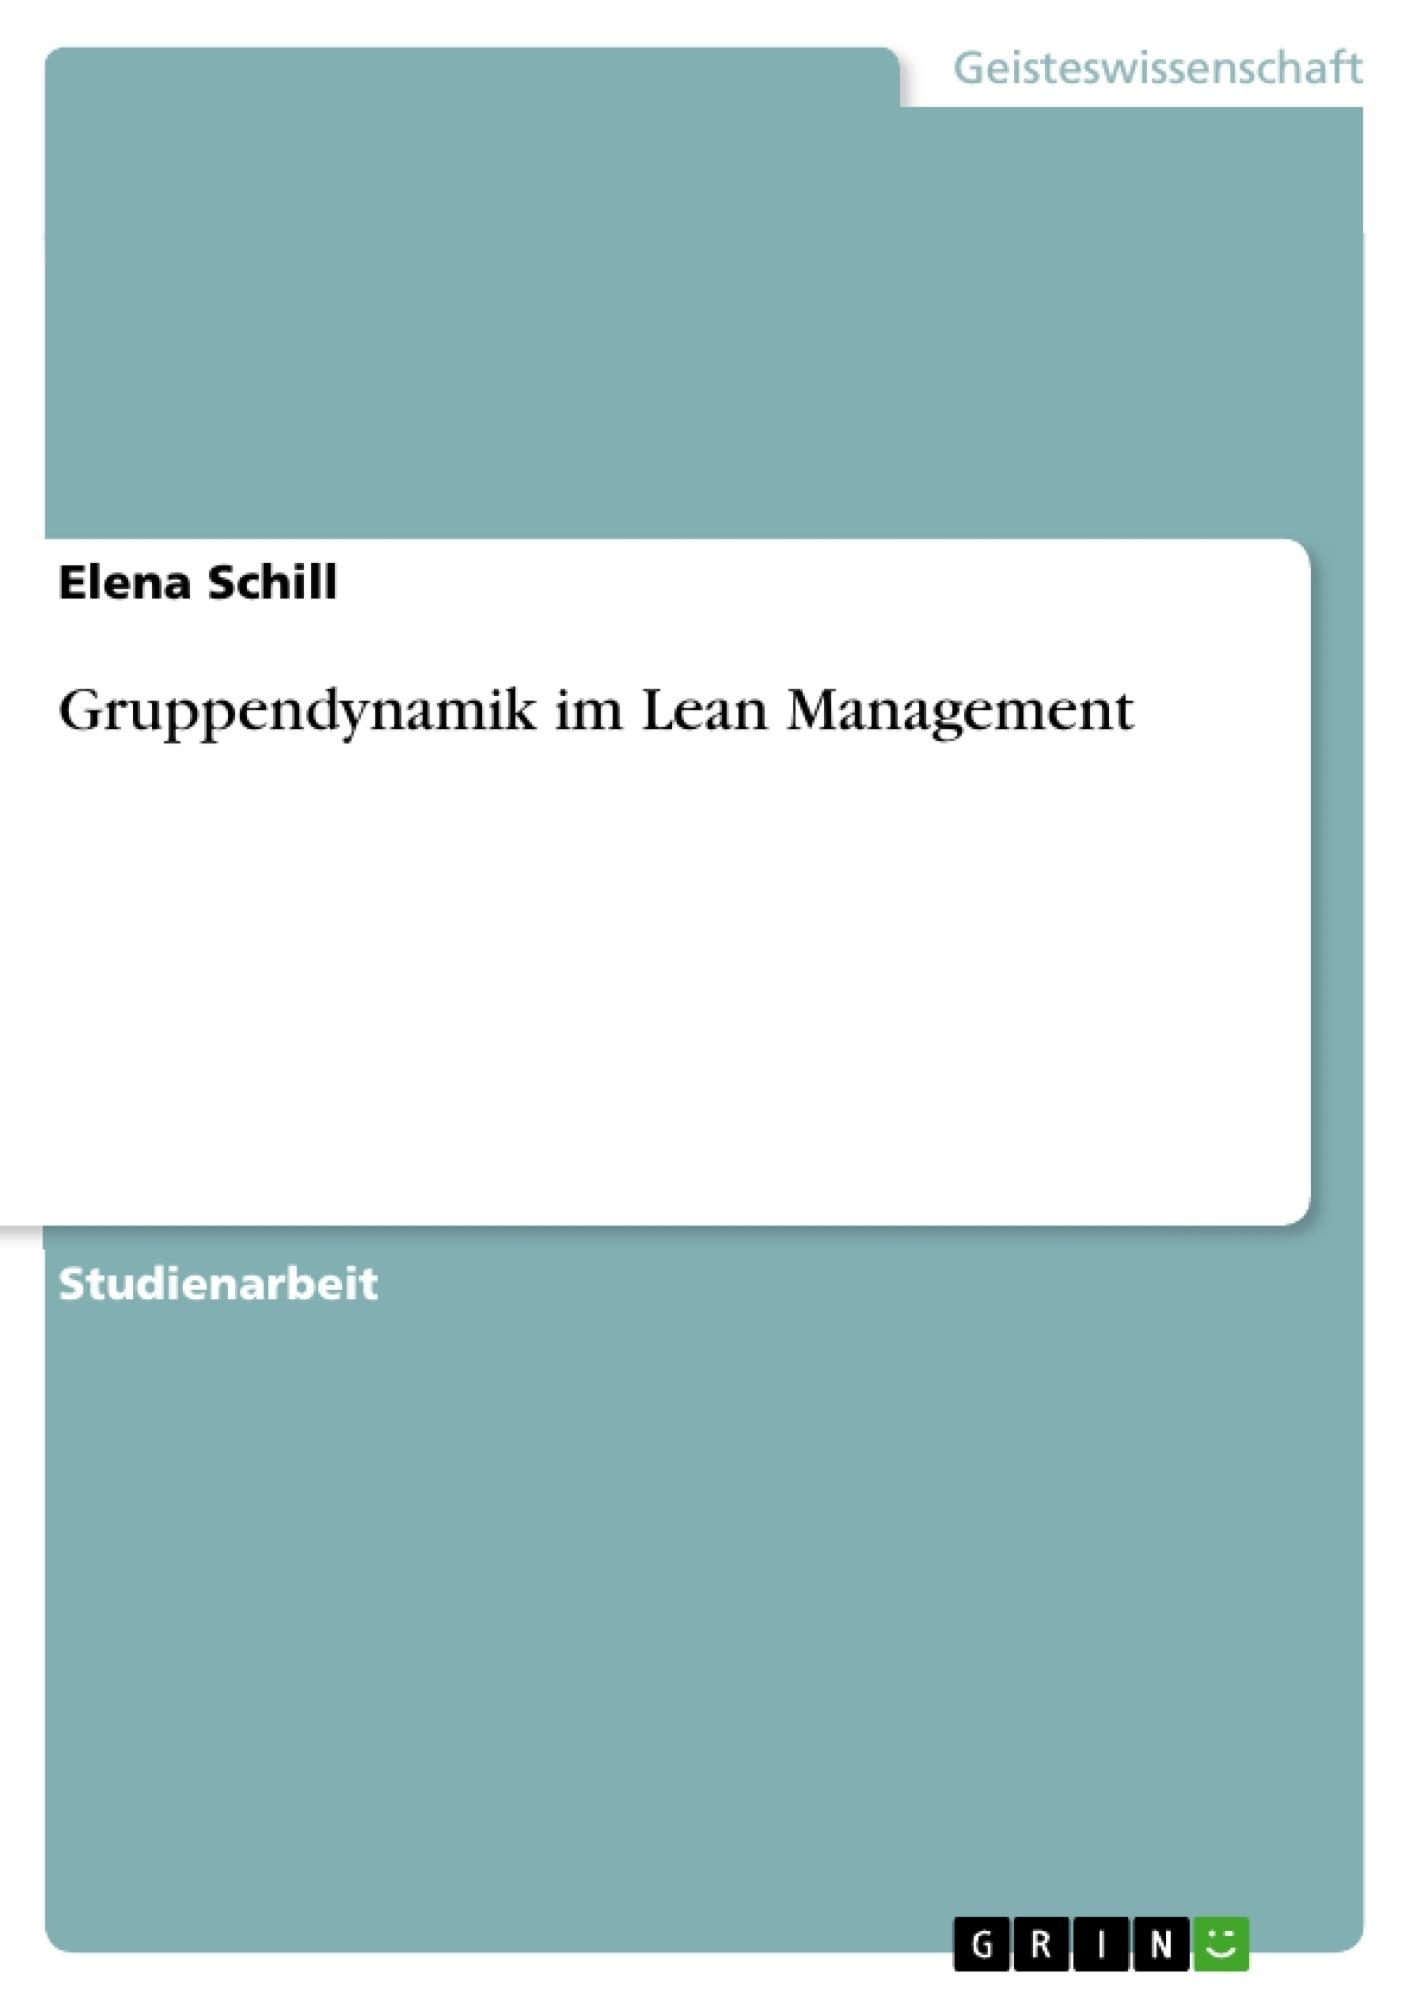 Titel: Gruppendynamik im Lean Management